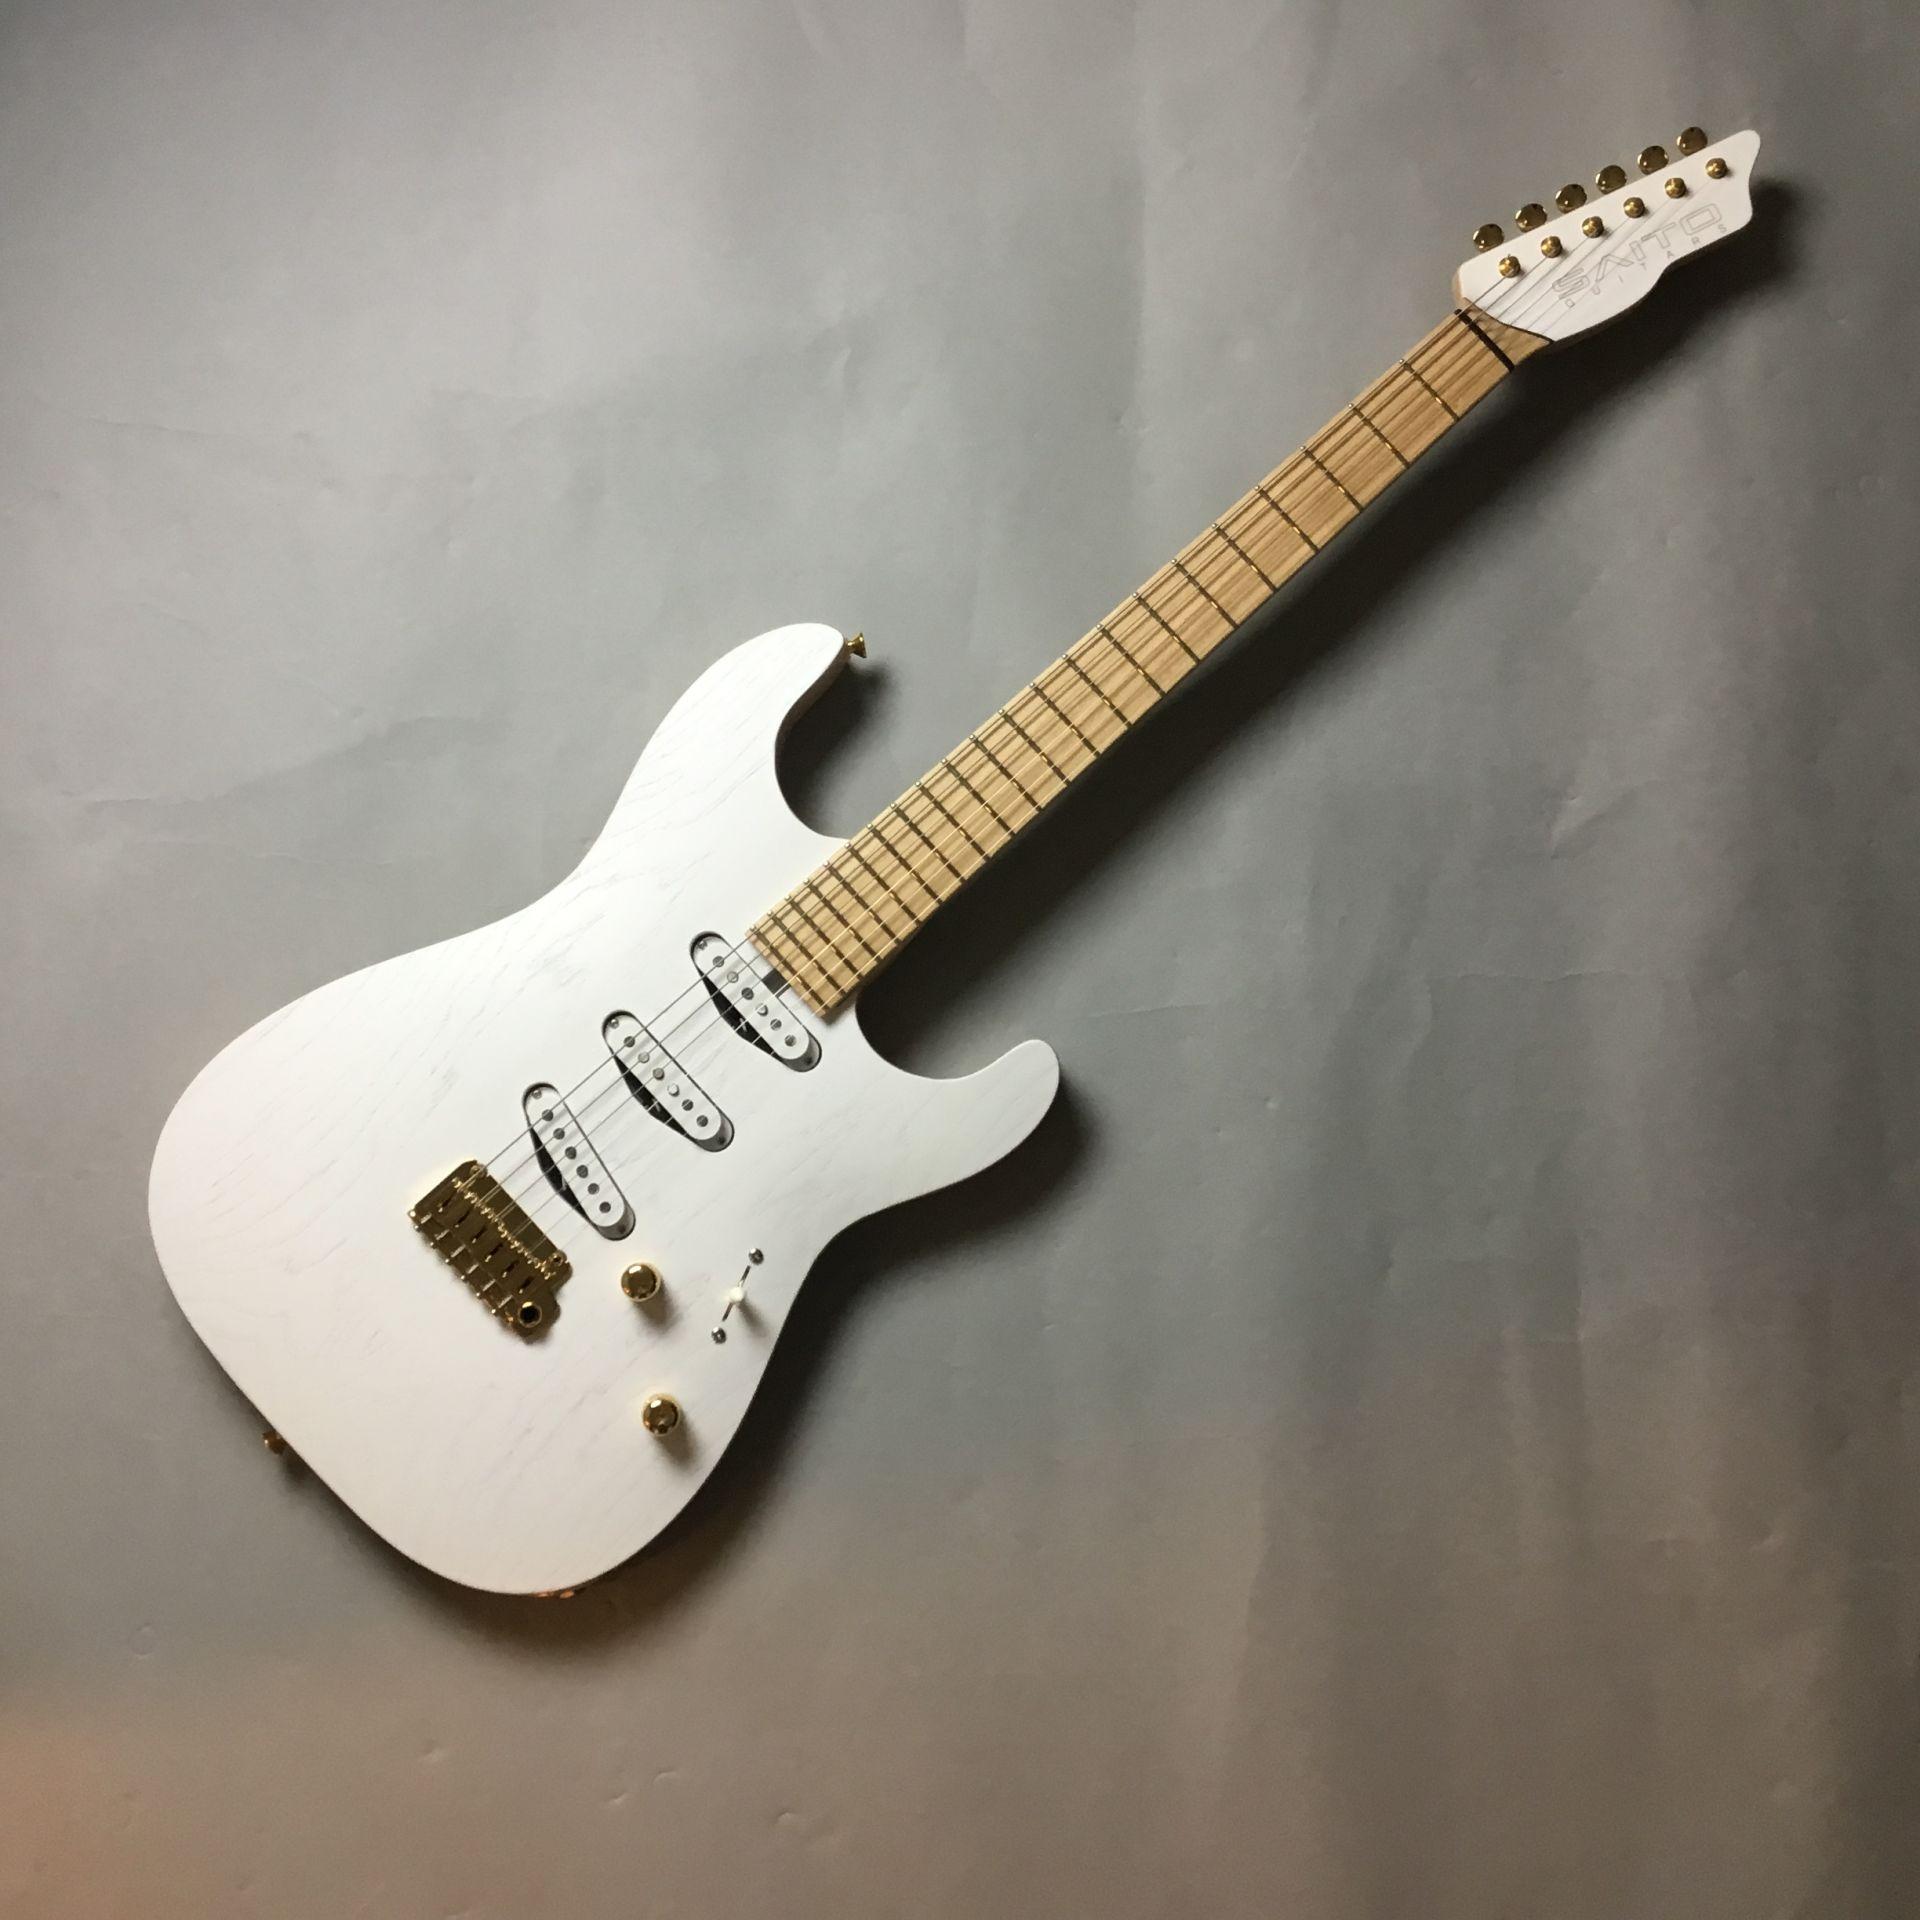 Saito Guitars S-622 Ash /M SSS 写真画像